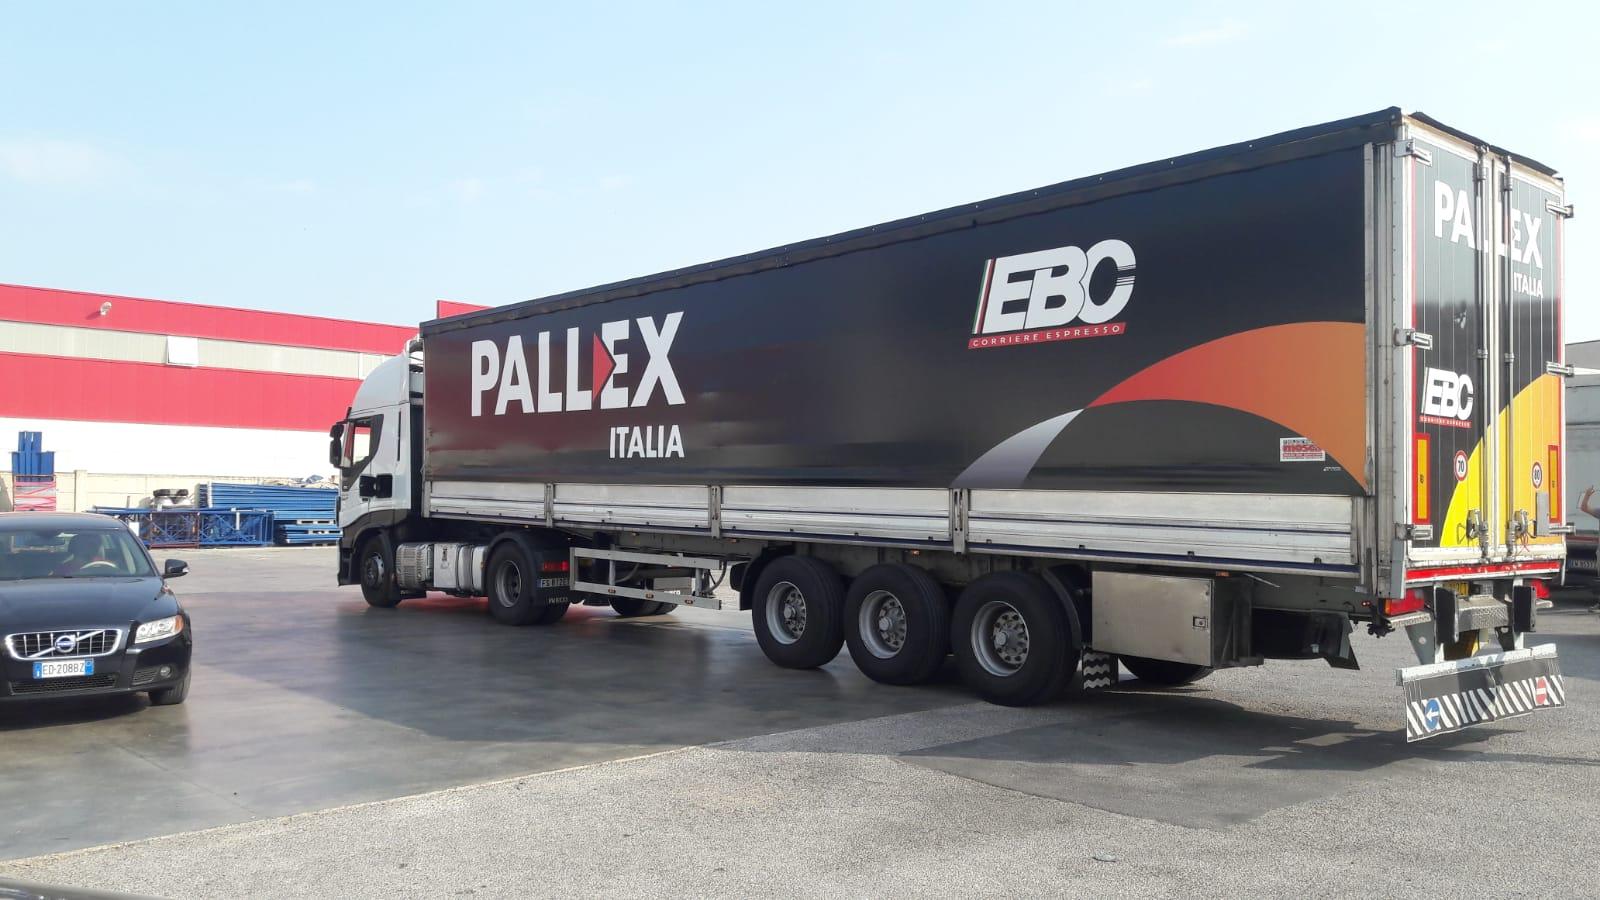 PALLEX ITALIA